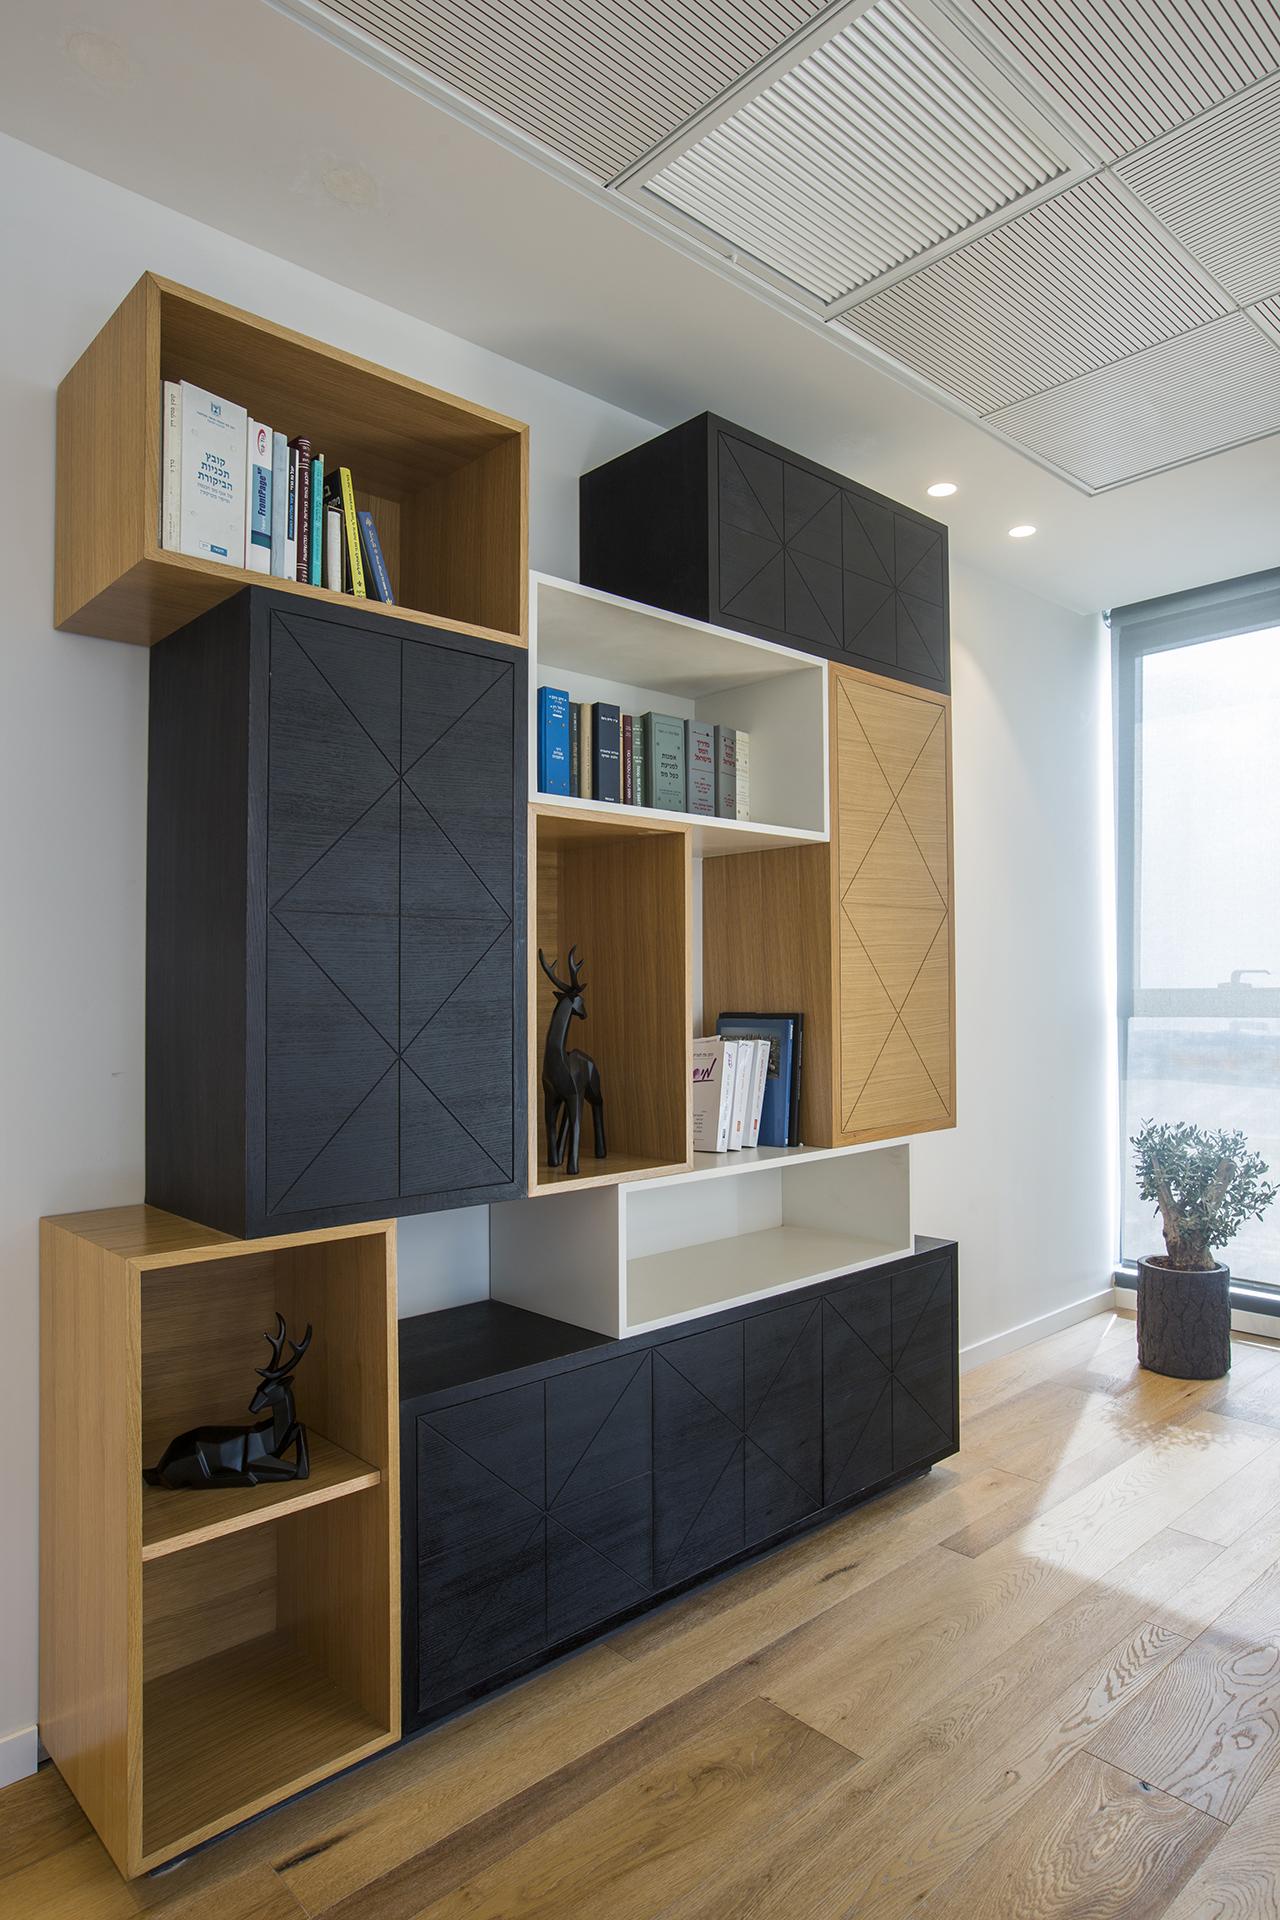 חדר דורון ספריה32